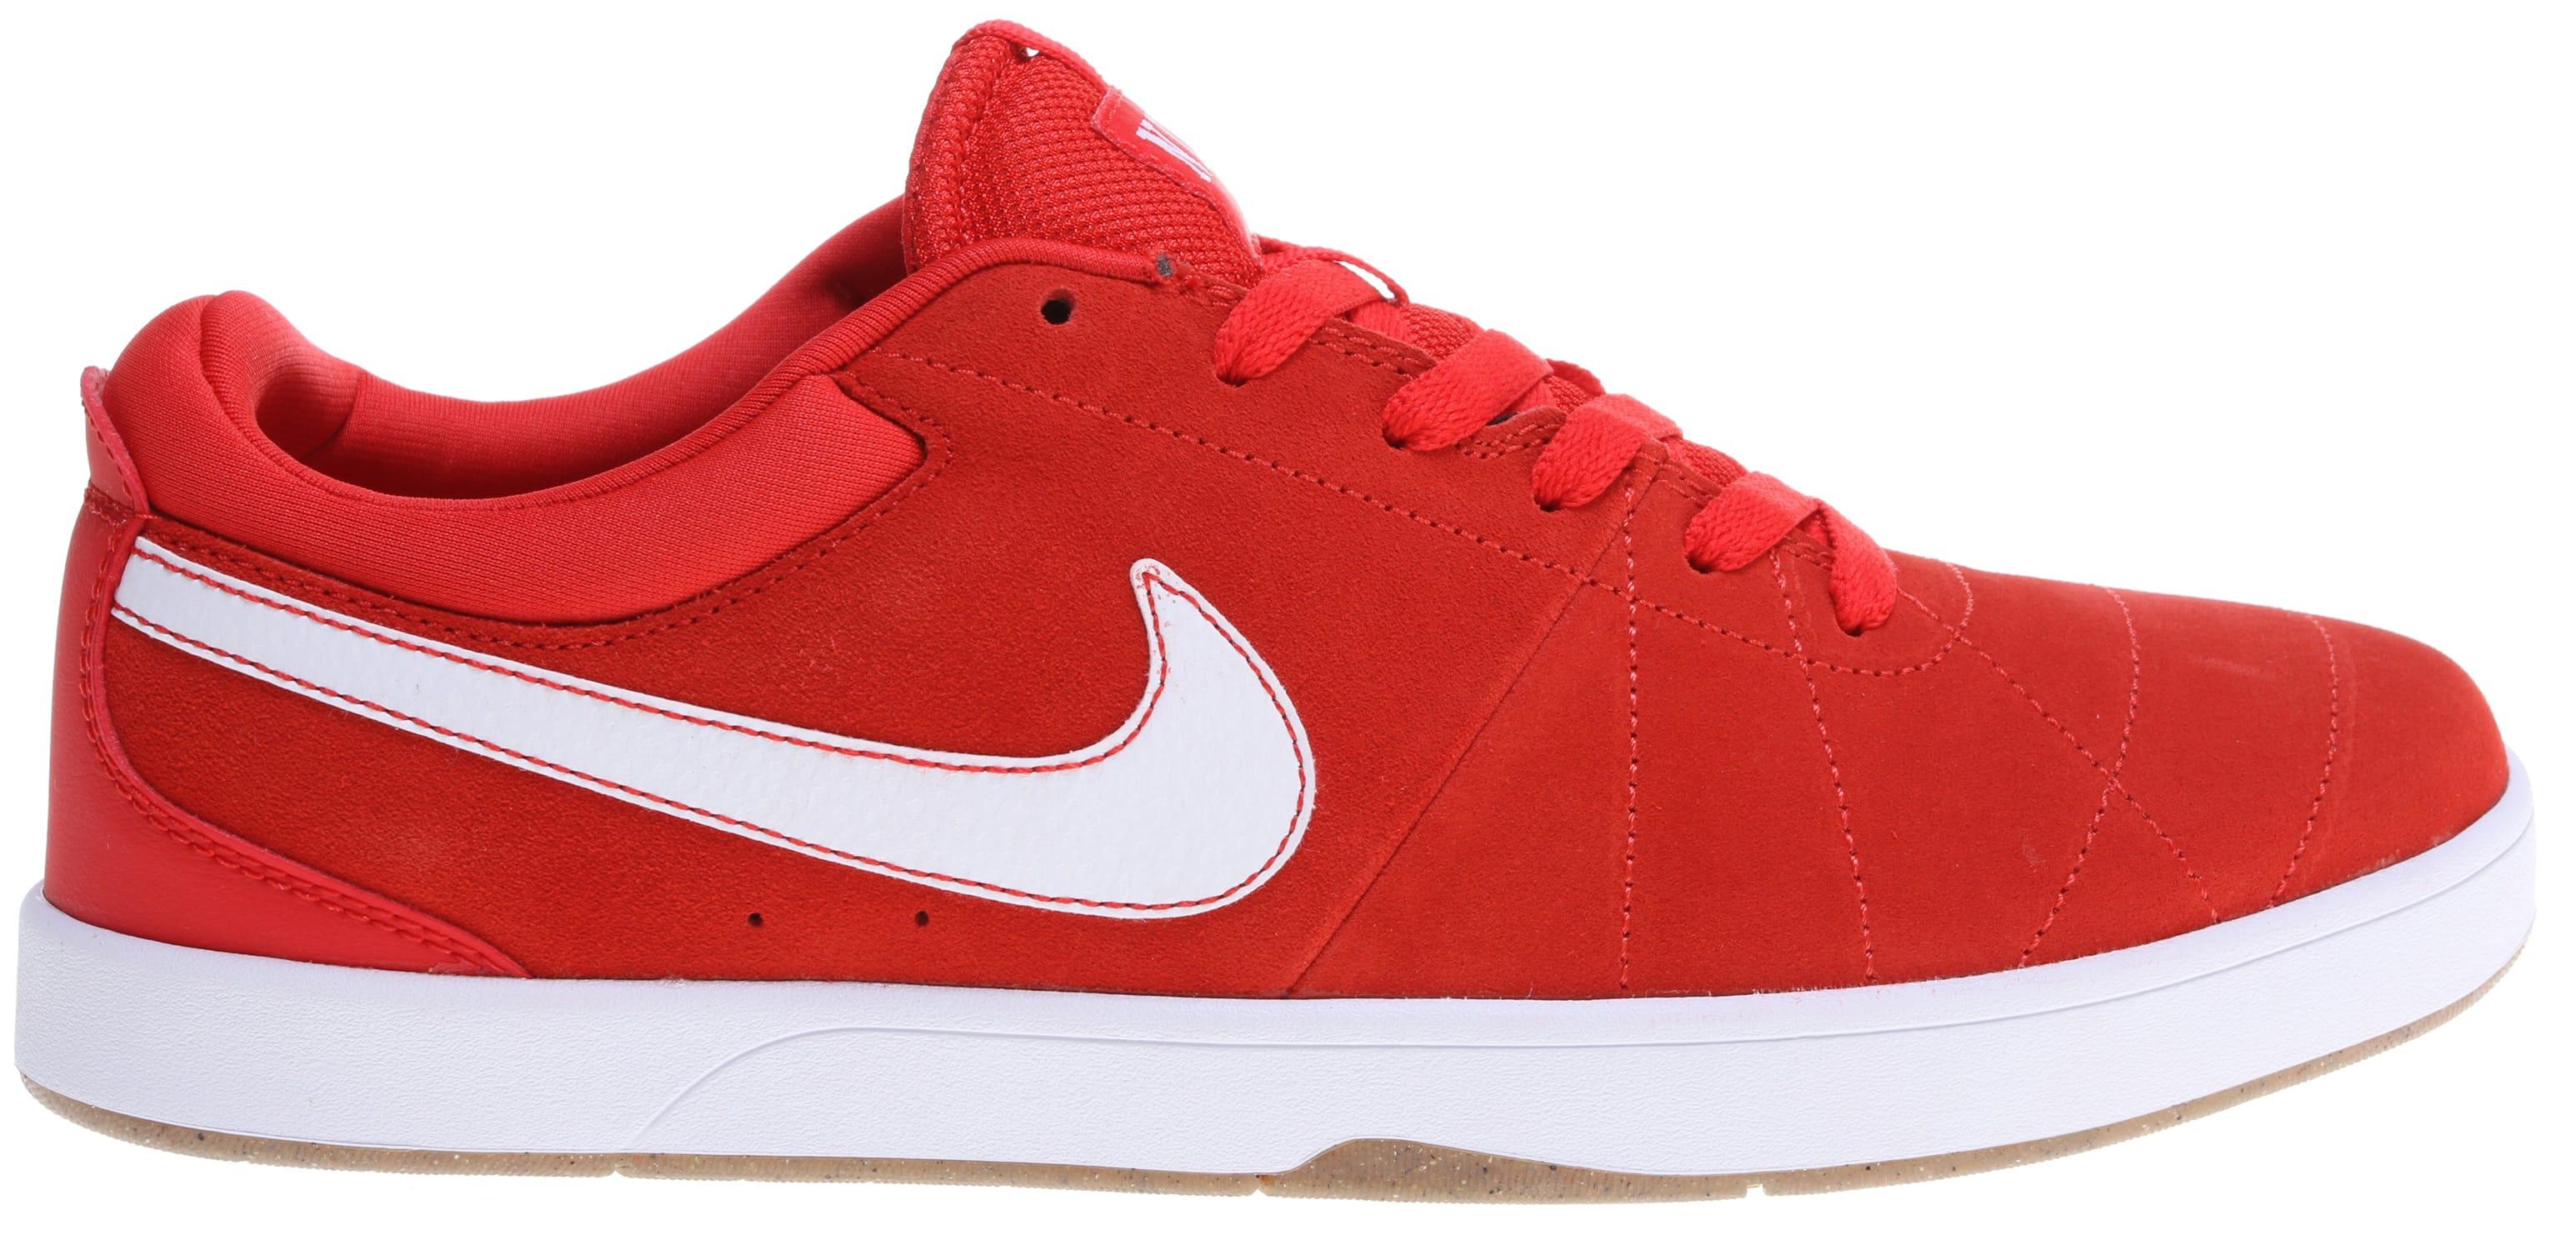 View All Nike SB; 9